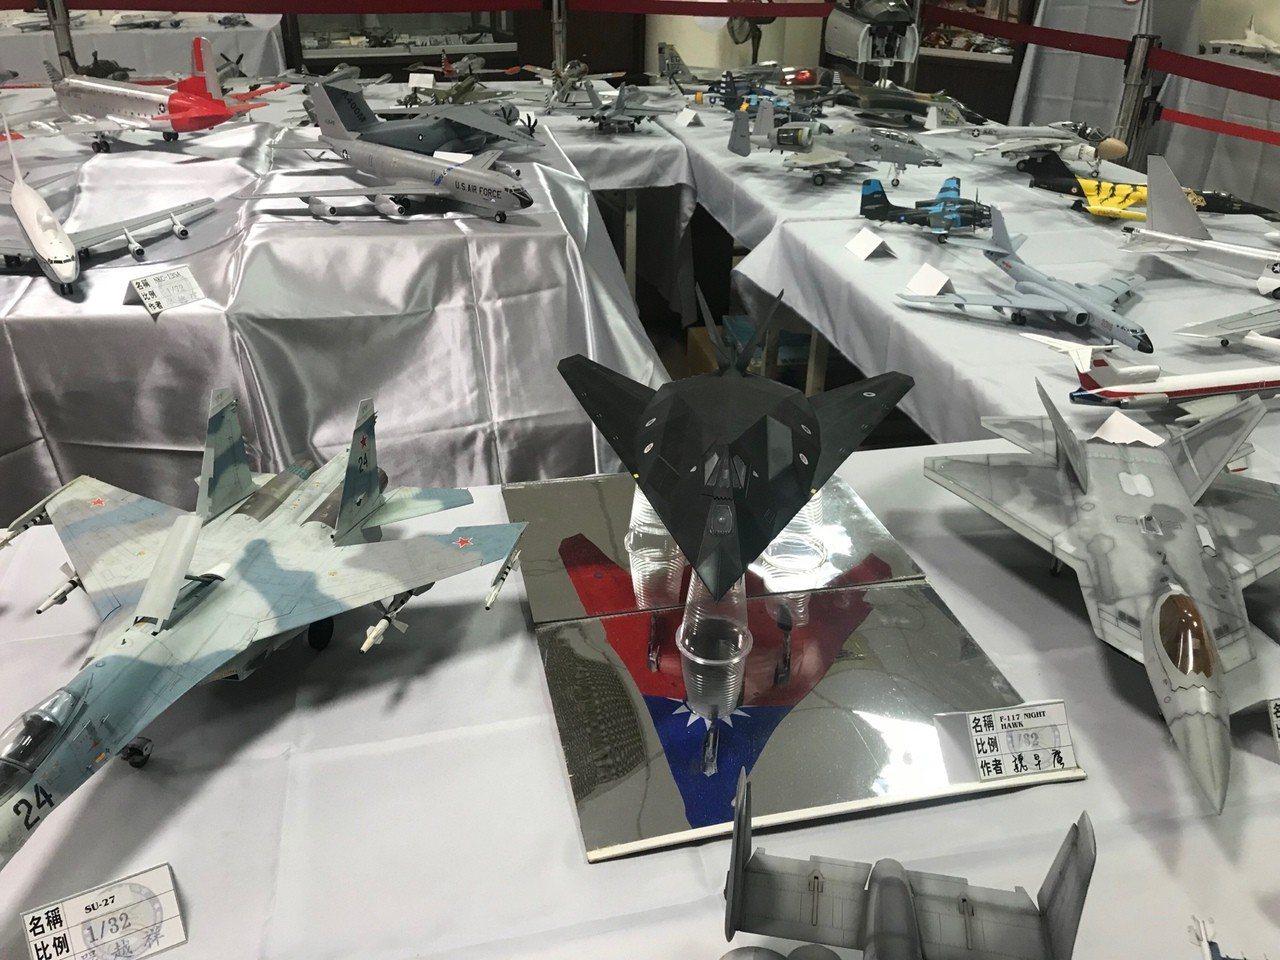 美國著名的F117隱型戰鬥機怎麼底下會有中華民國的國旗圖案?原來是作者天馬行空的...